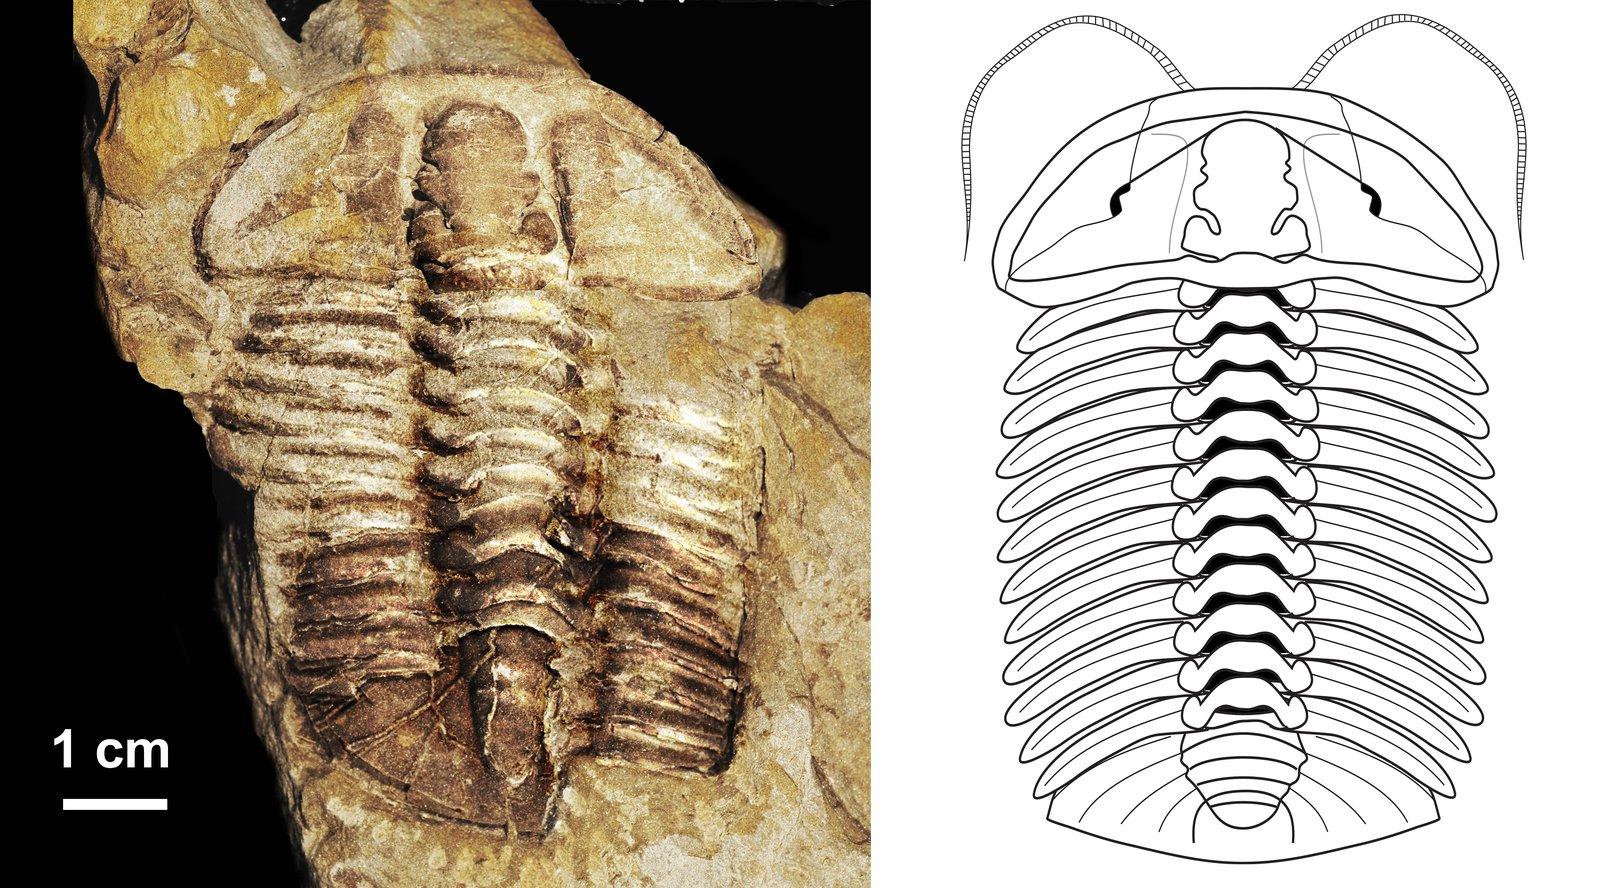 Newly discovered trilobite (Gravicalymene bakeri)